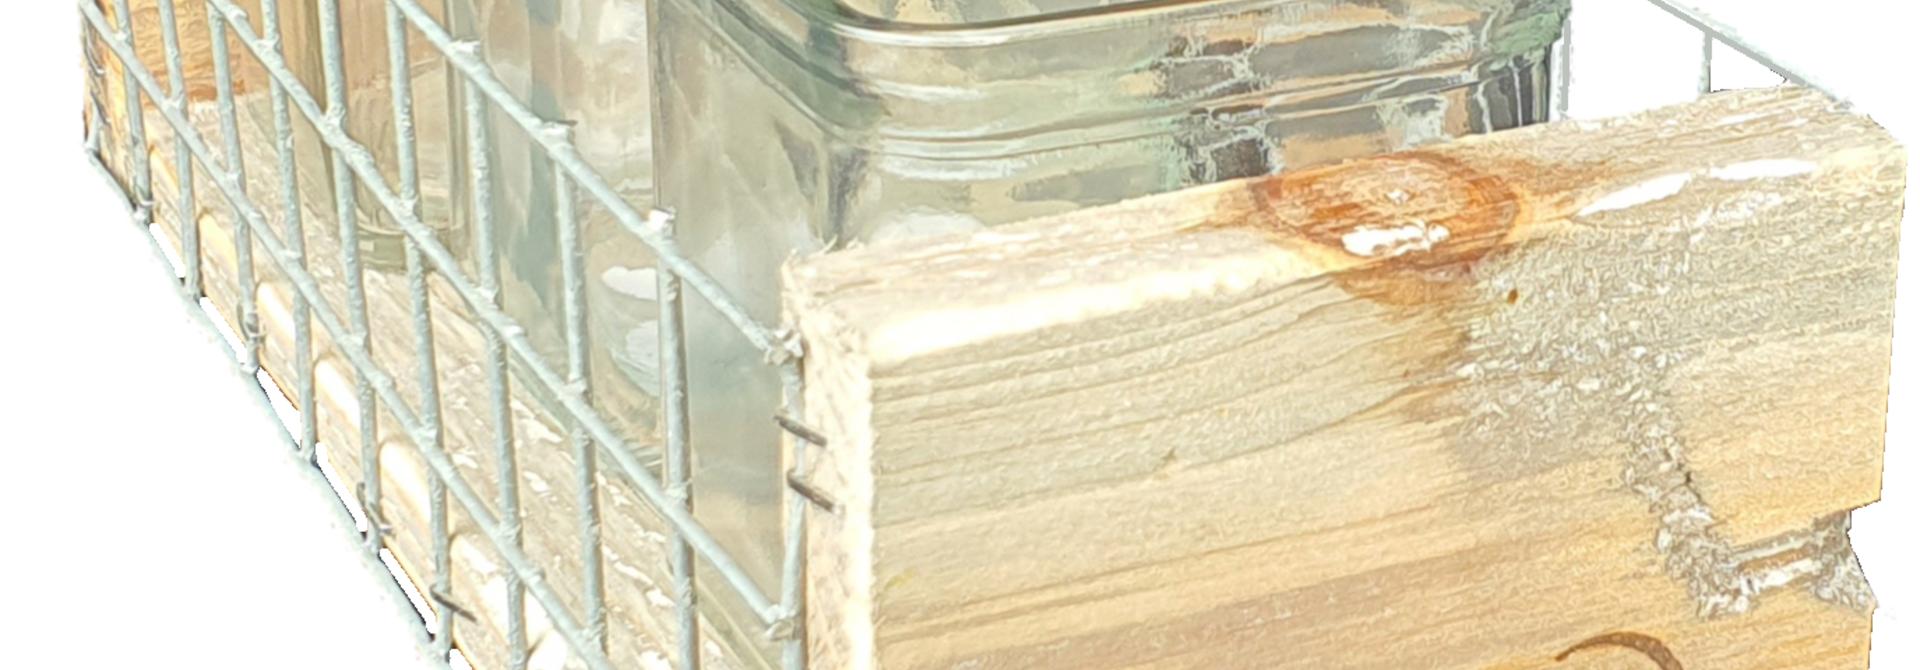 tray old dutchglass bask SQ3